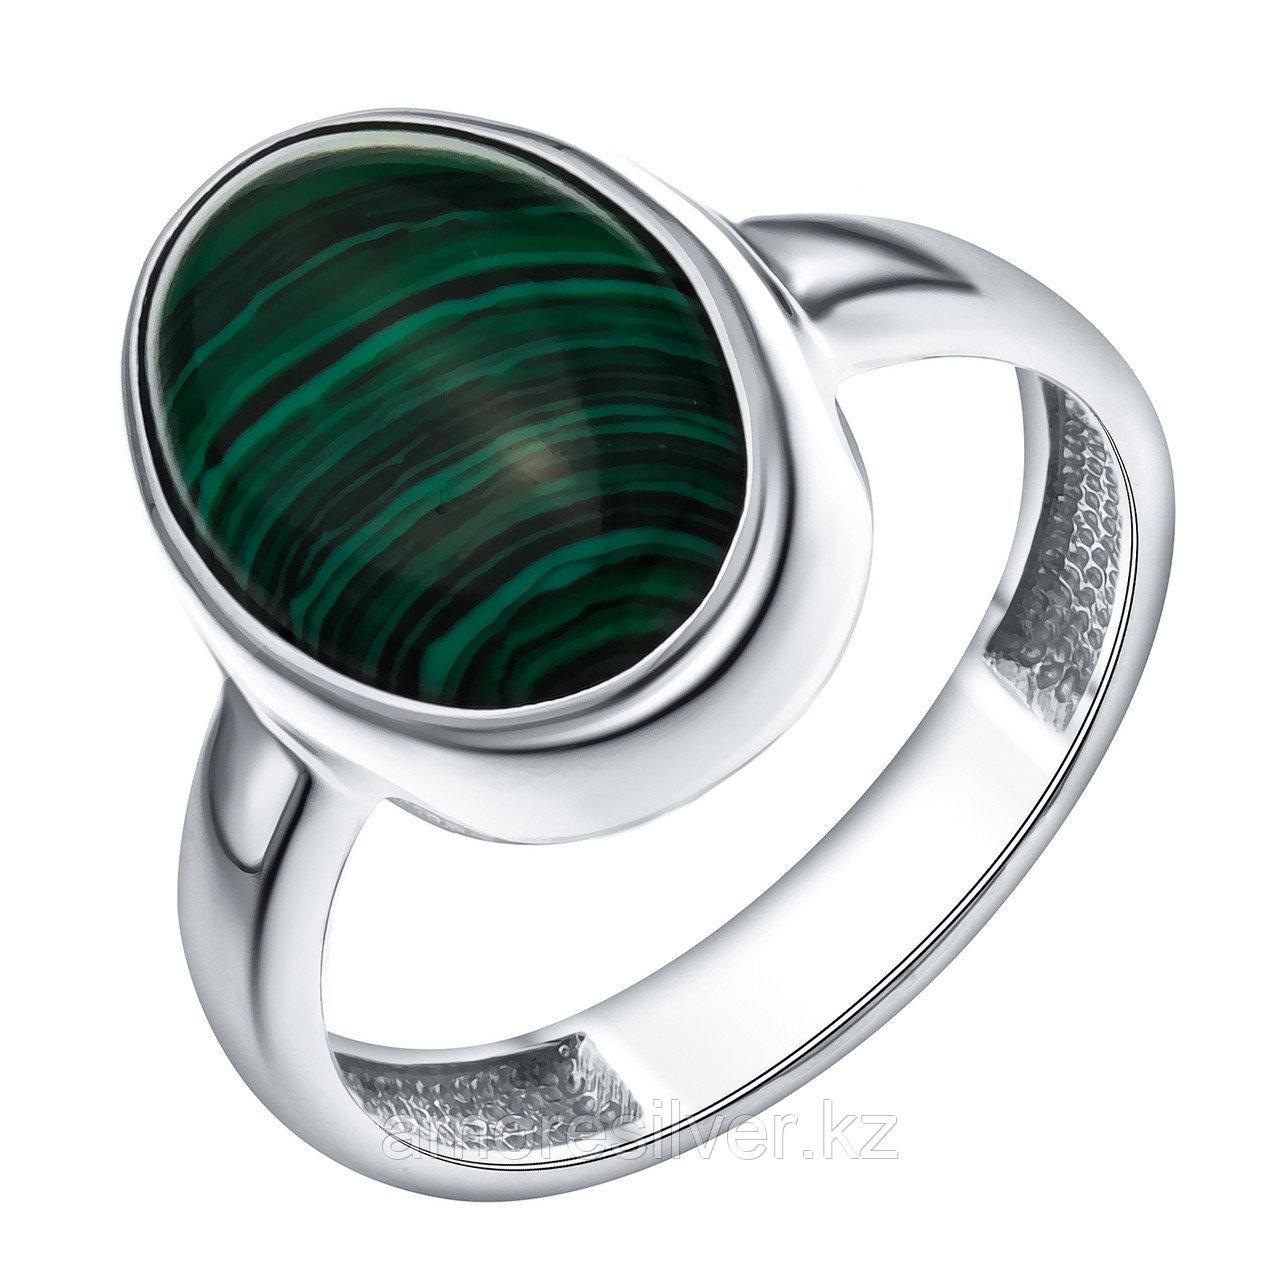 Кольцо из серебра с малахитом  Teosa 1000-0169-ML-r